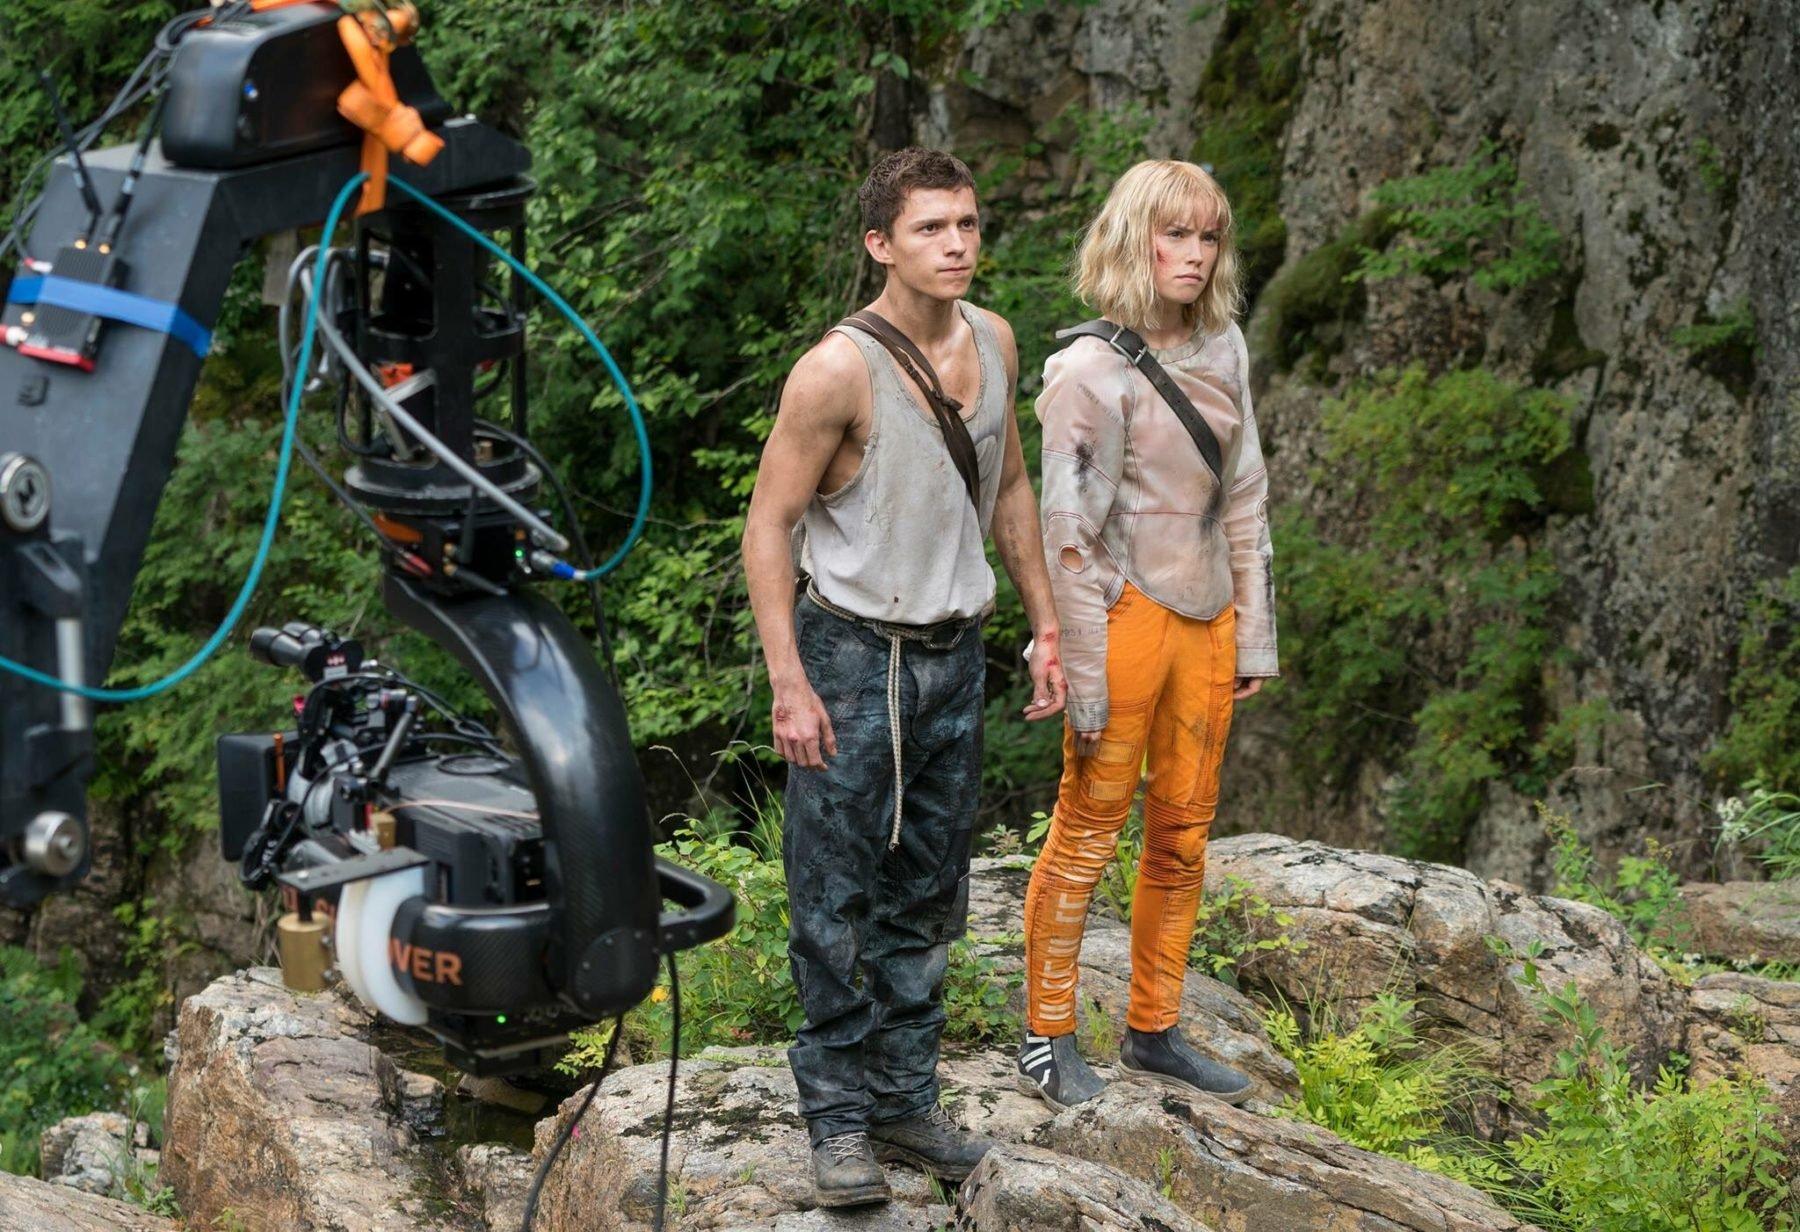 Según los informes, Lionsgate consideró que 'Chaos Walking' era irrelevante